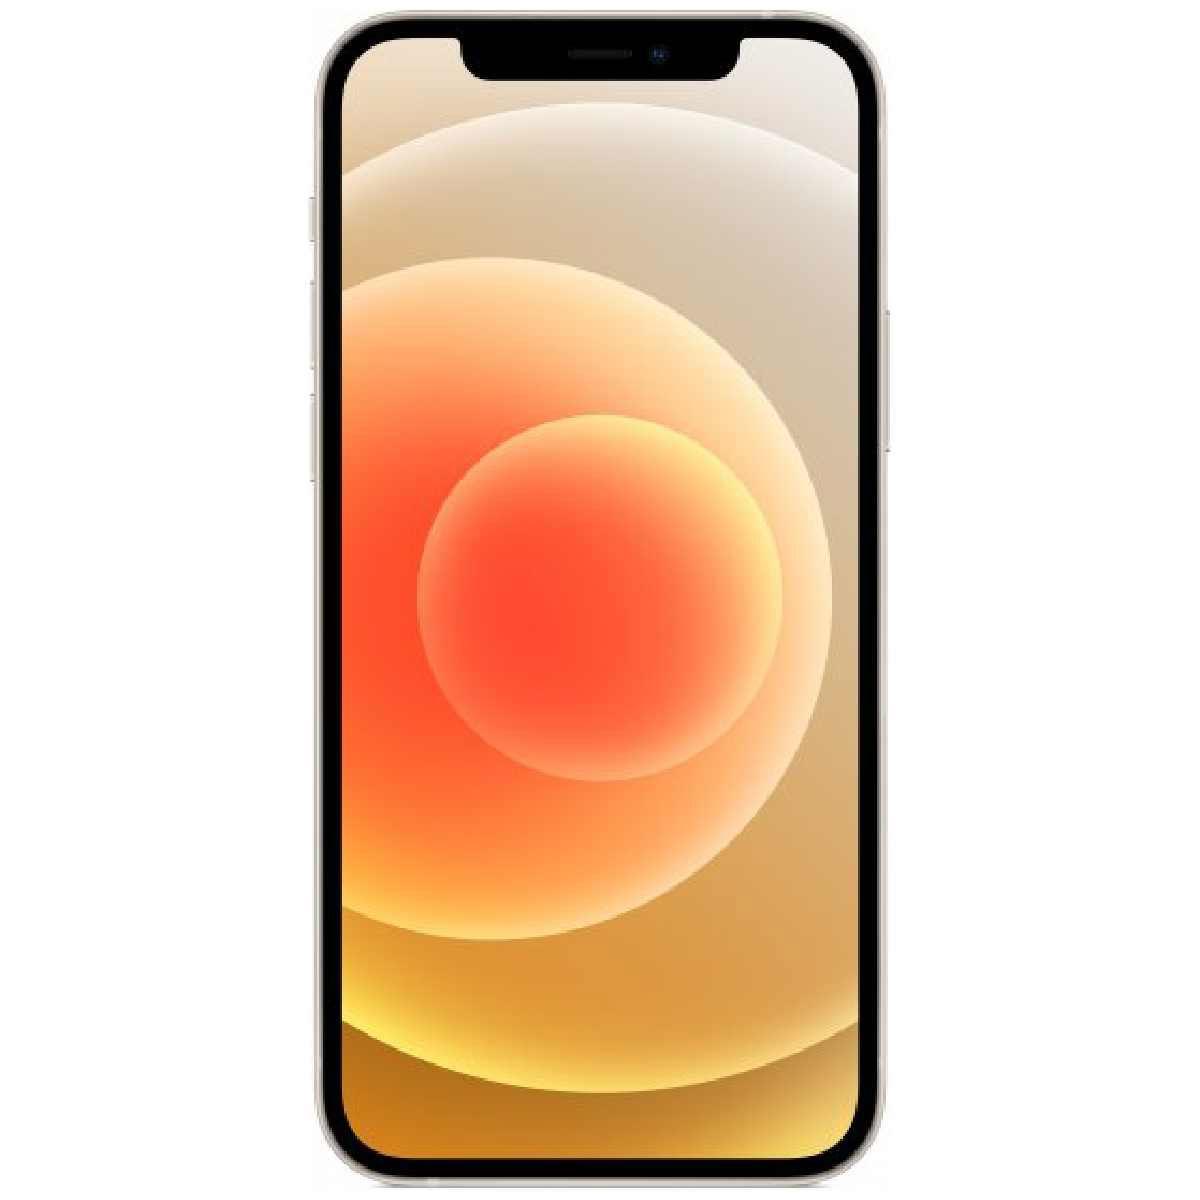 סמארטפון iPhone 12 128GB לבן Apple